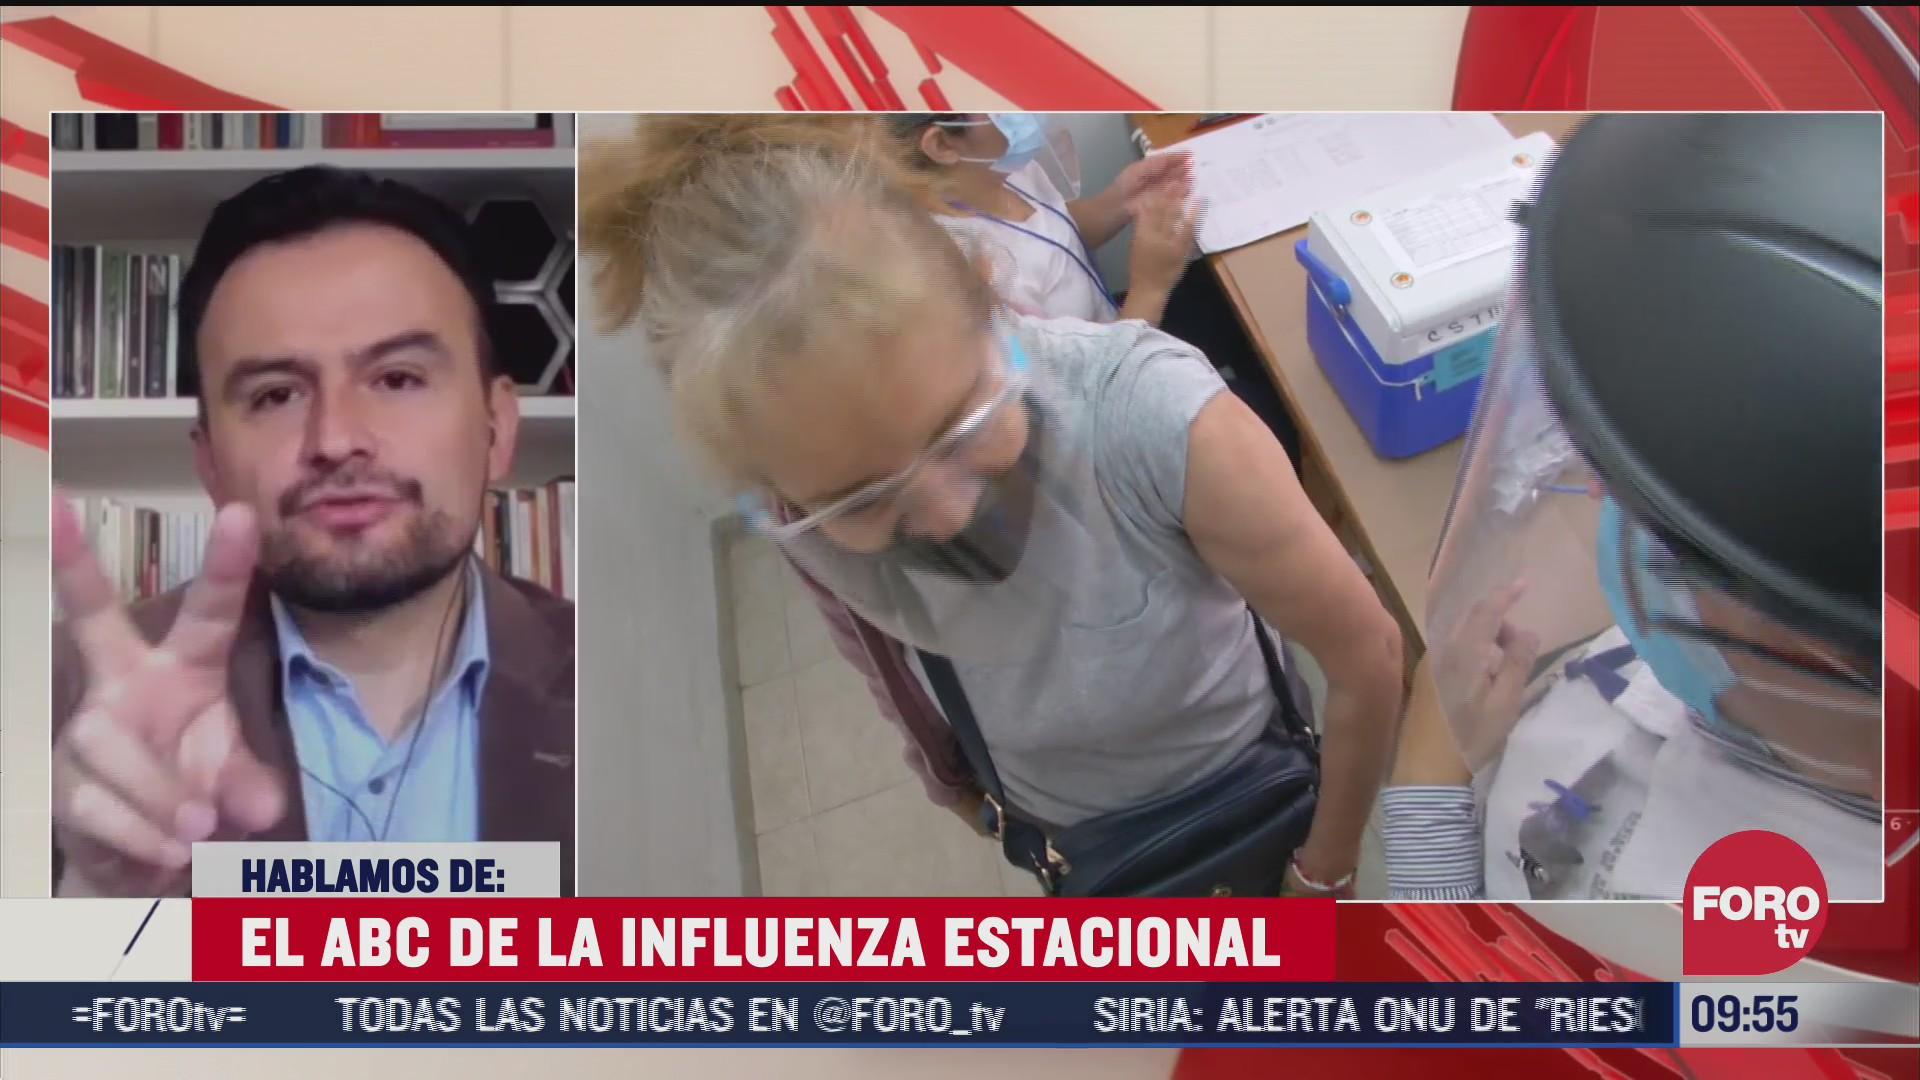 el abc de la influenza estacional